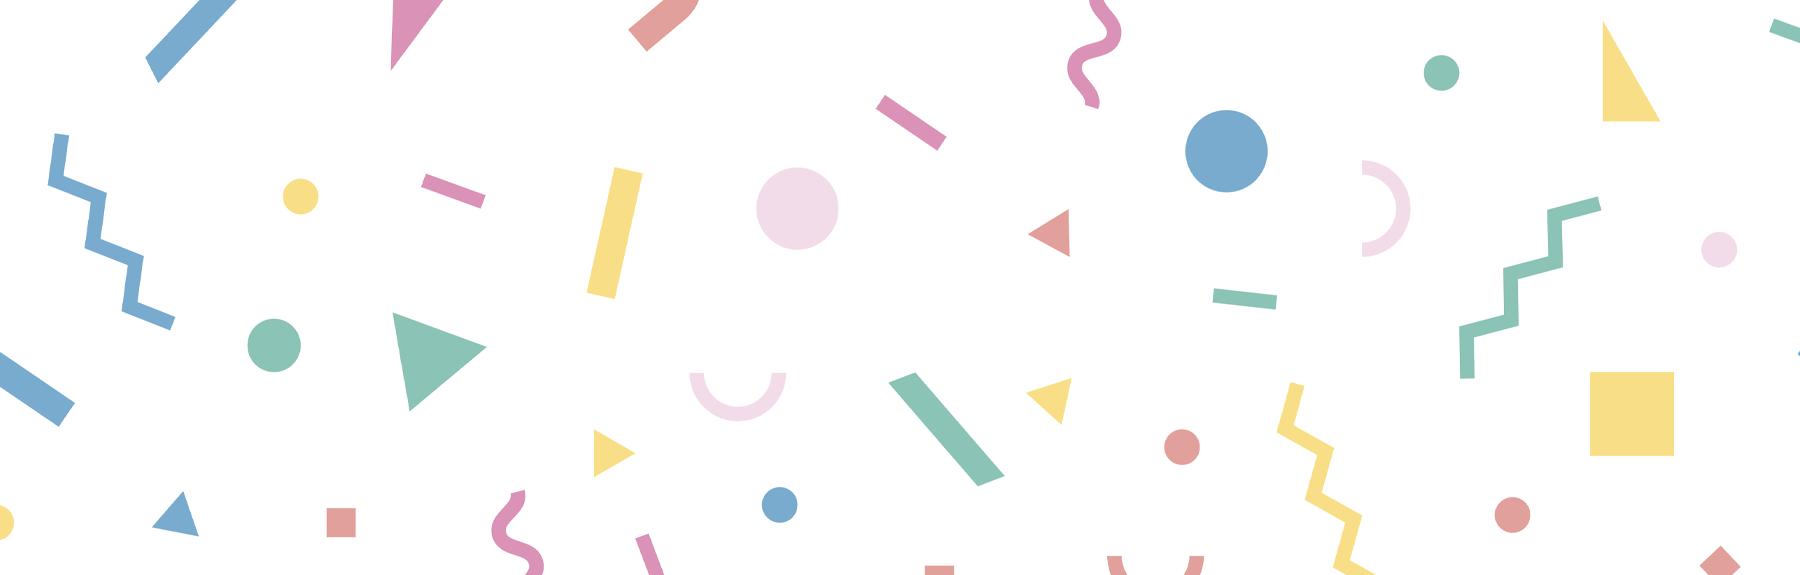 4-ui-animations-to-prototype